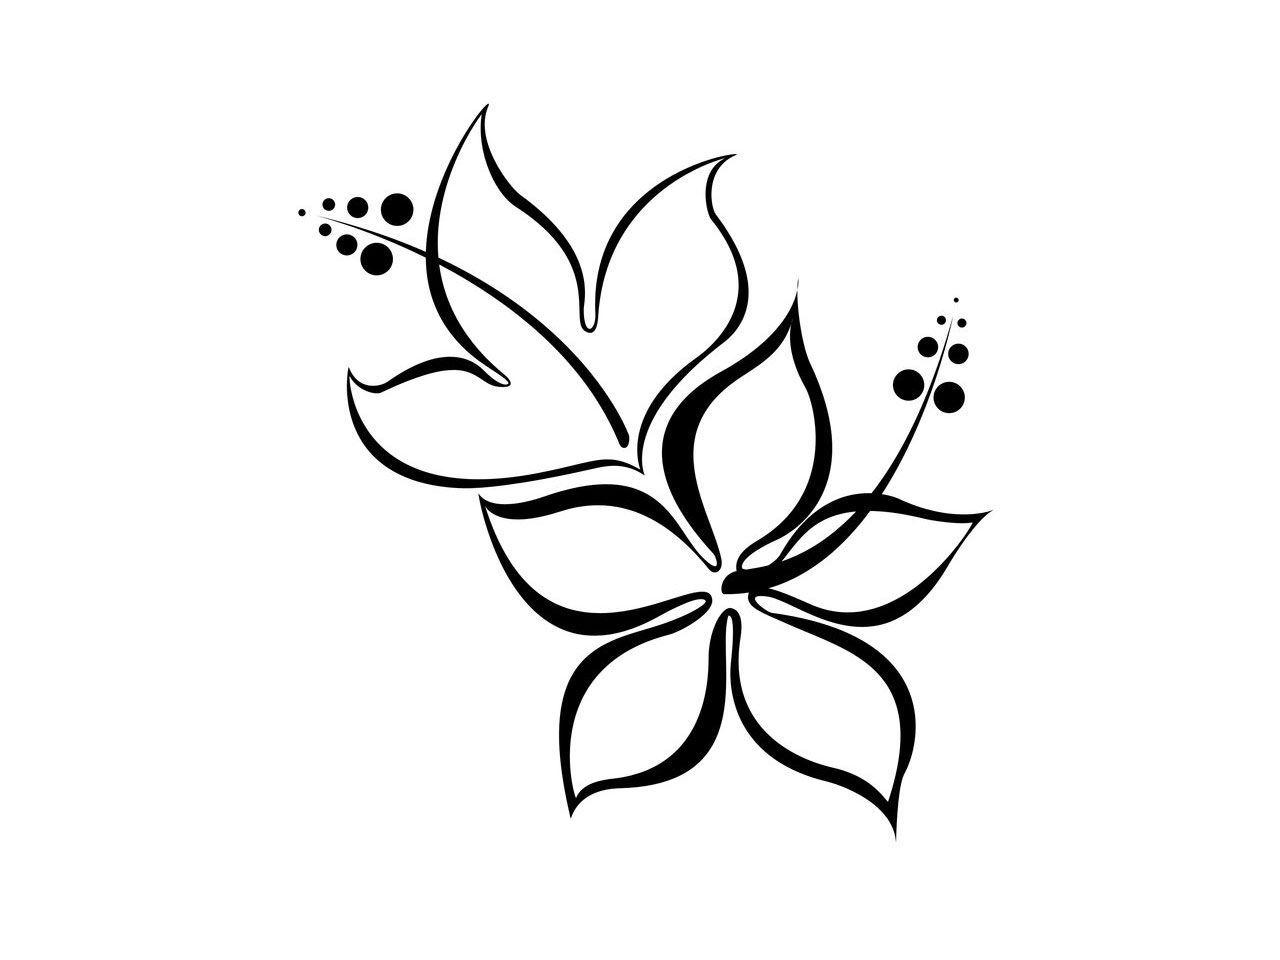 Drawing Flowers Mandala In Ink Hibiscus Flower Tattoos Simple Flower Drawing Gladiolus Flower Tattoos